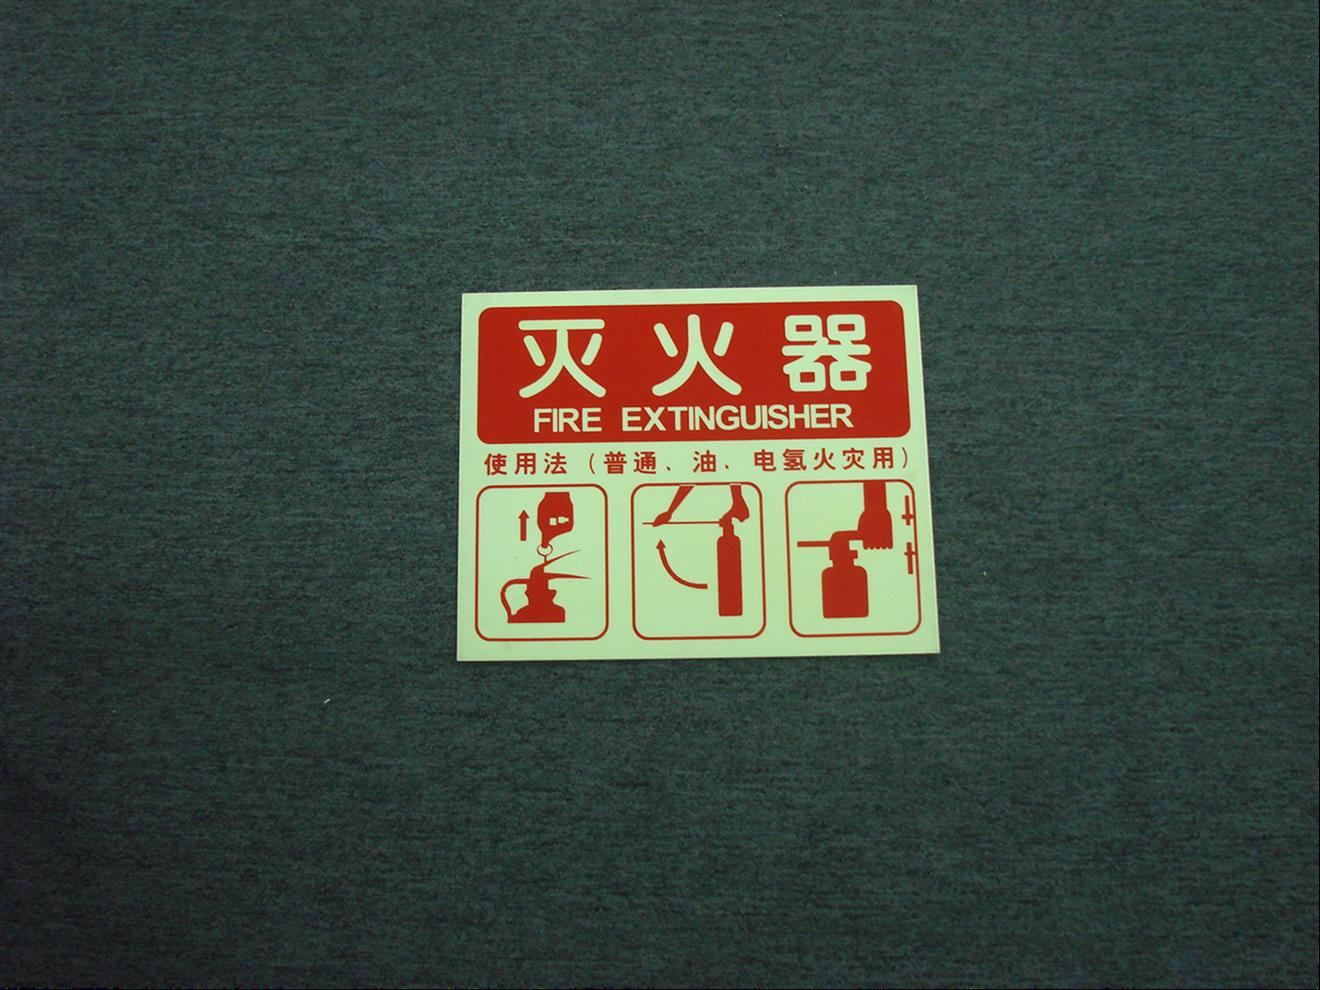 北京安全出口夜光疏散标识厂家直销